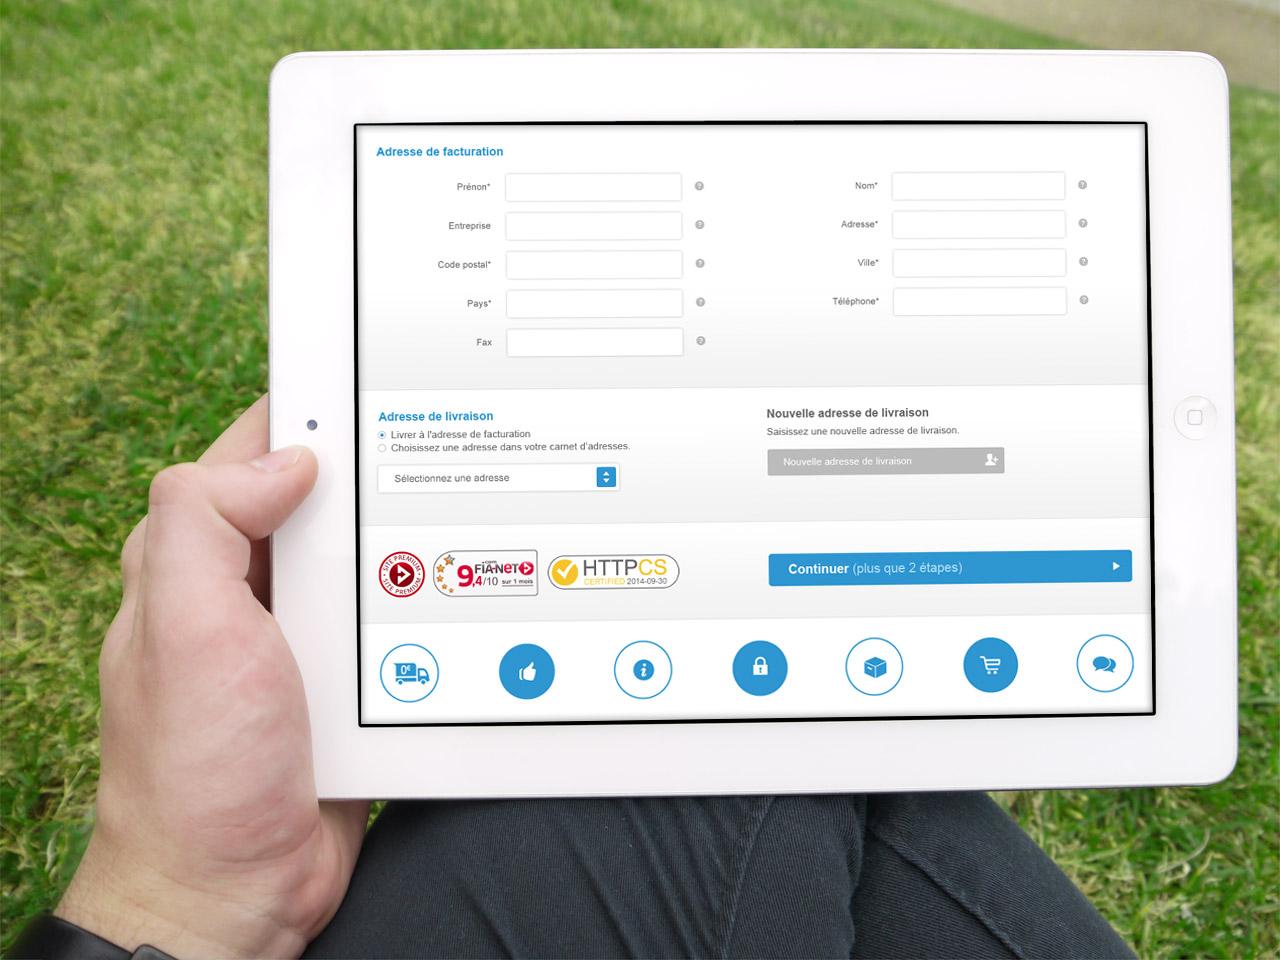 httpcs-logo-securisation-web-tablette-creation-communication-caconcept-alexis-cretin-graphiste